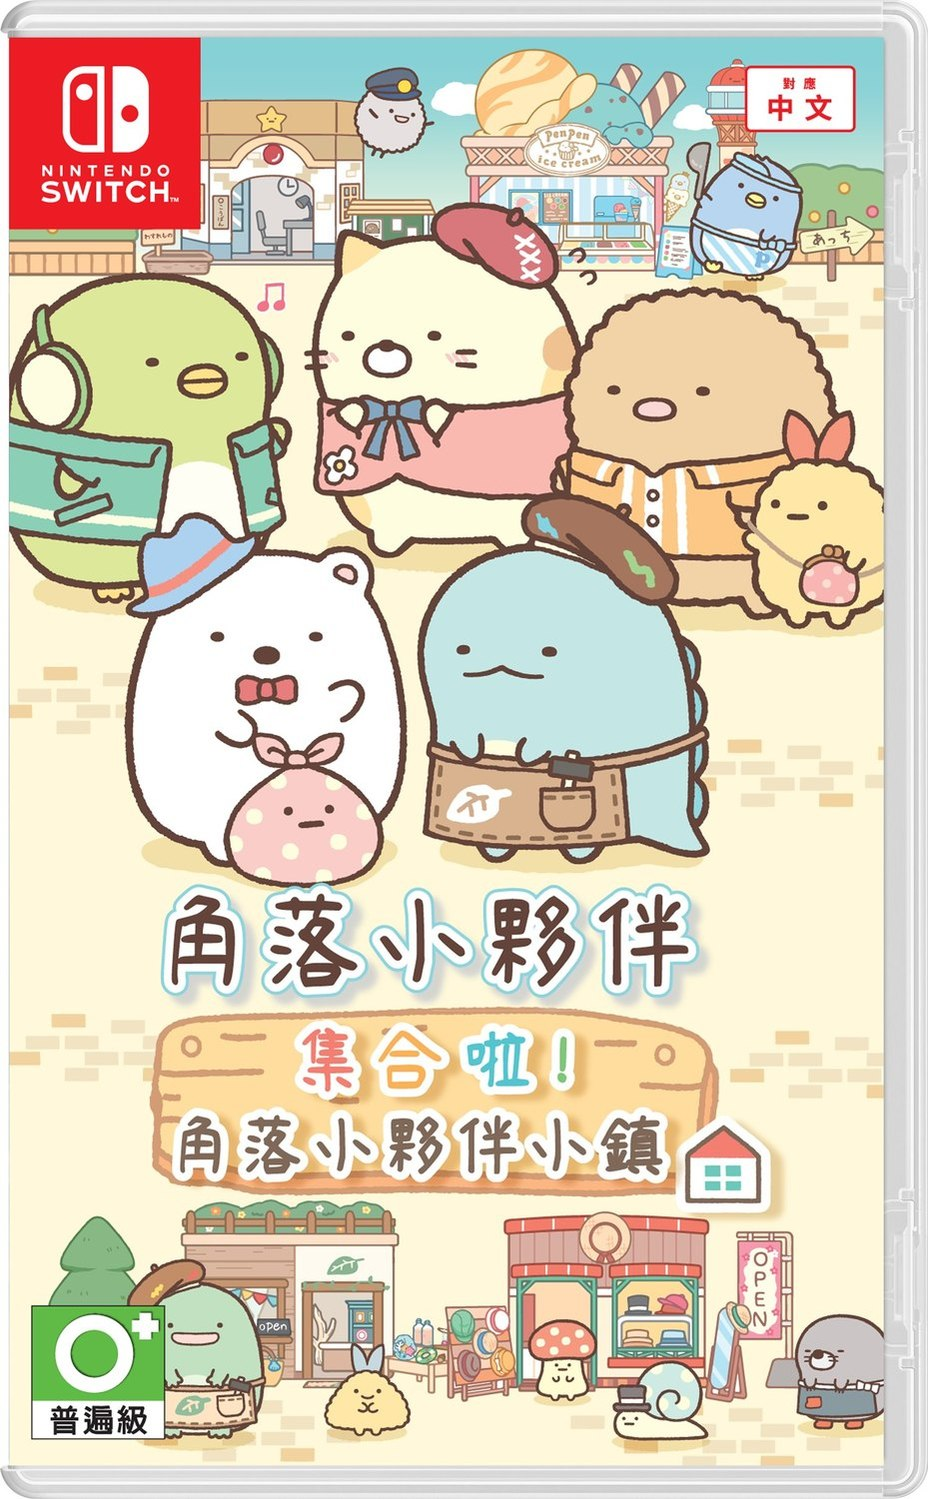 《角落小夥伴 集合啦!角落小夥伴小鎮》,將於2021年4月,在亞洲正式推出完全中文化的版本。建議售價:NT.1390元。 圖:傑仕登提供